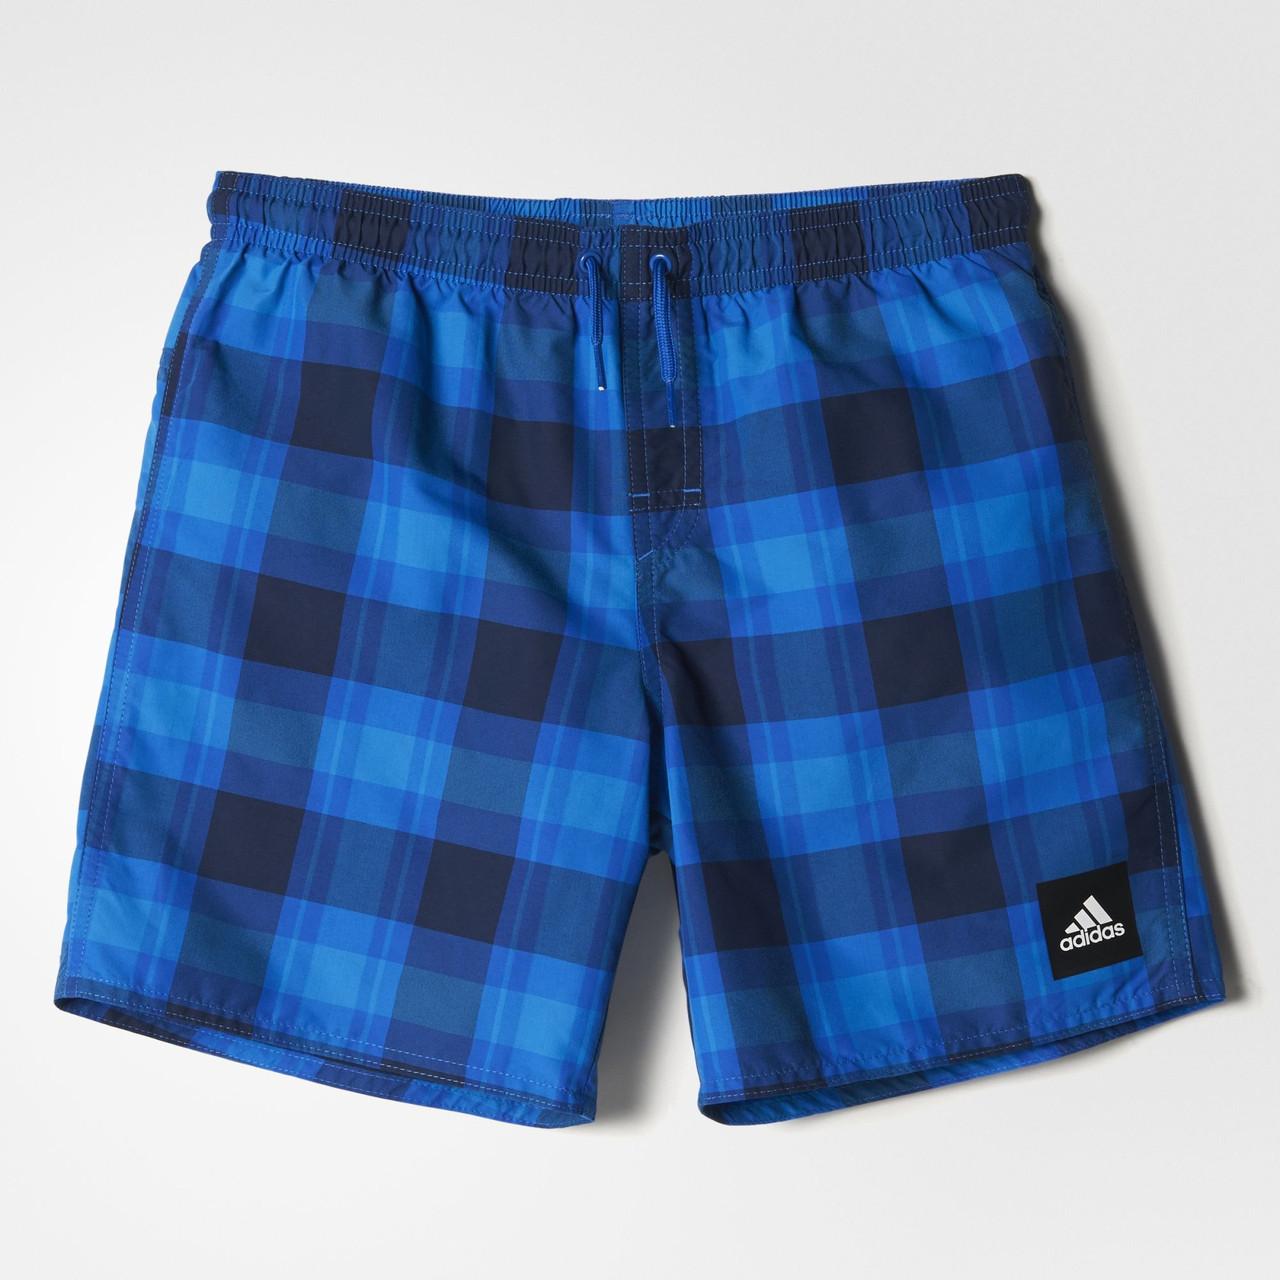 Детские шорты Adidas Performance Checked Water (Артикул: BJ9620)